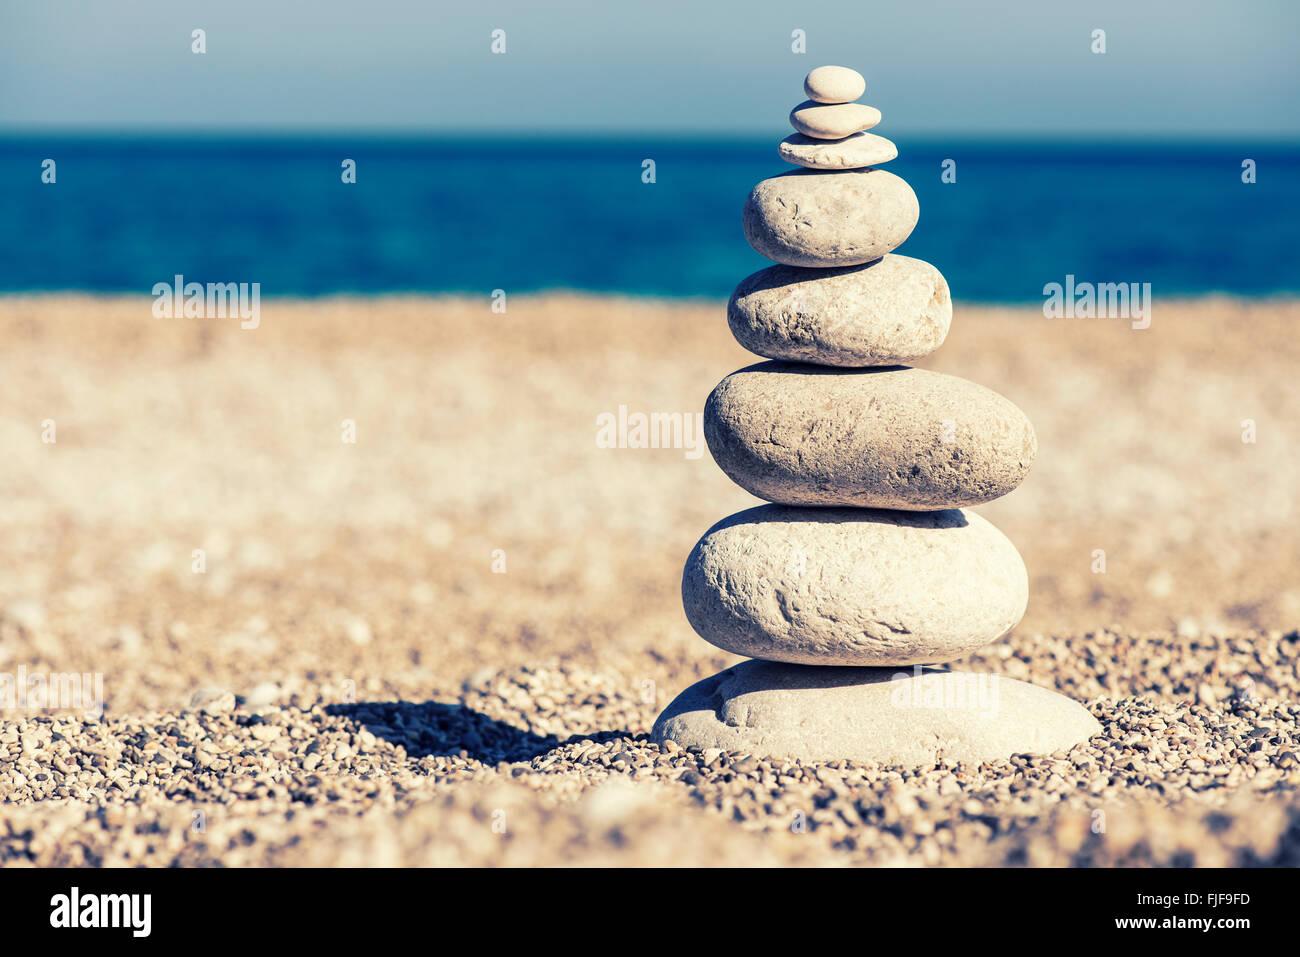 Equilibrio di pietre, vintage retrò instagram come gerarchia pila sul blu del mare sullo sfondo. Spa o di benessere, Immagini Stock